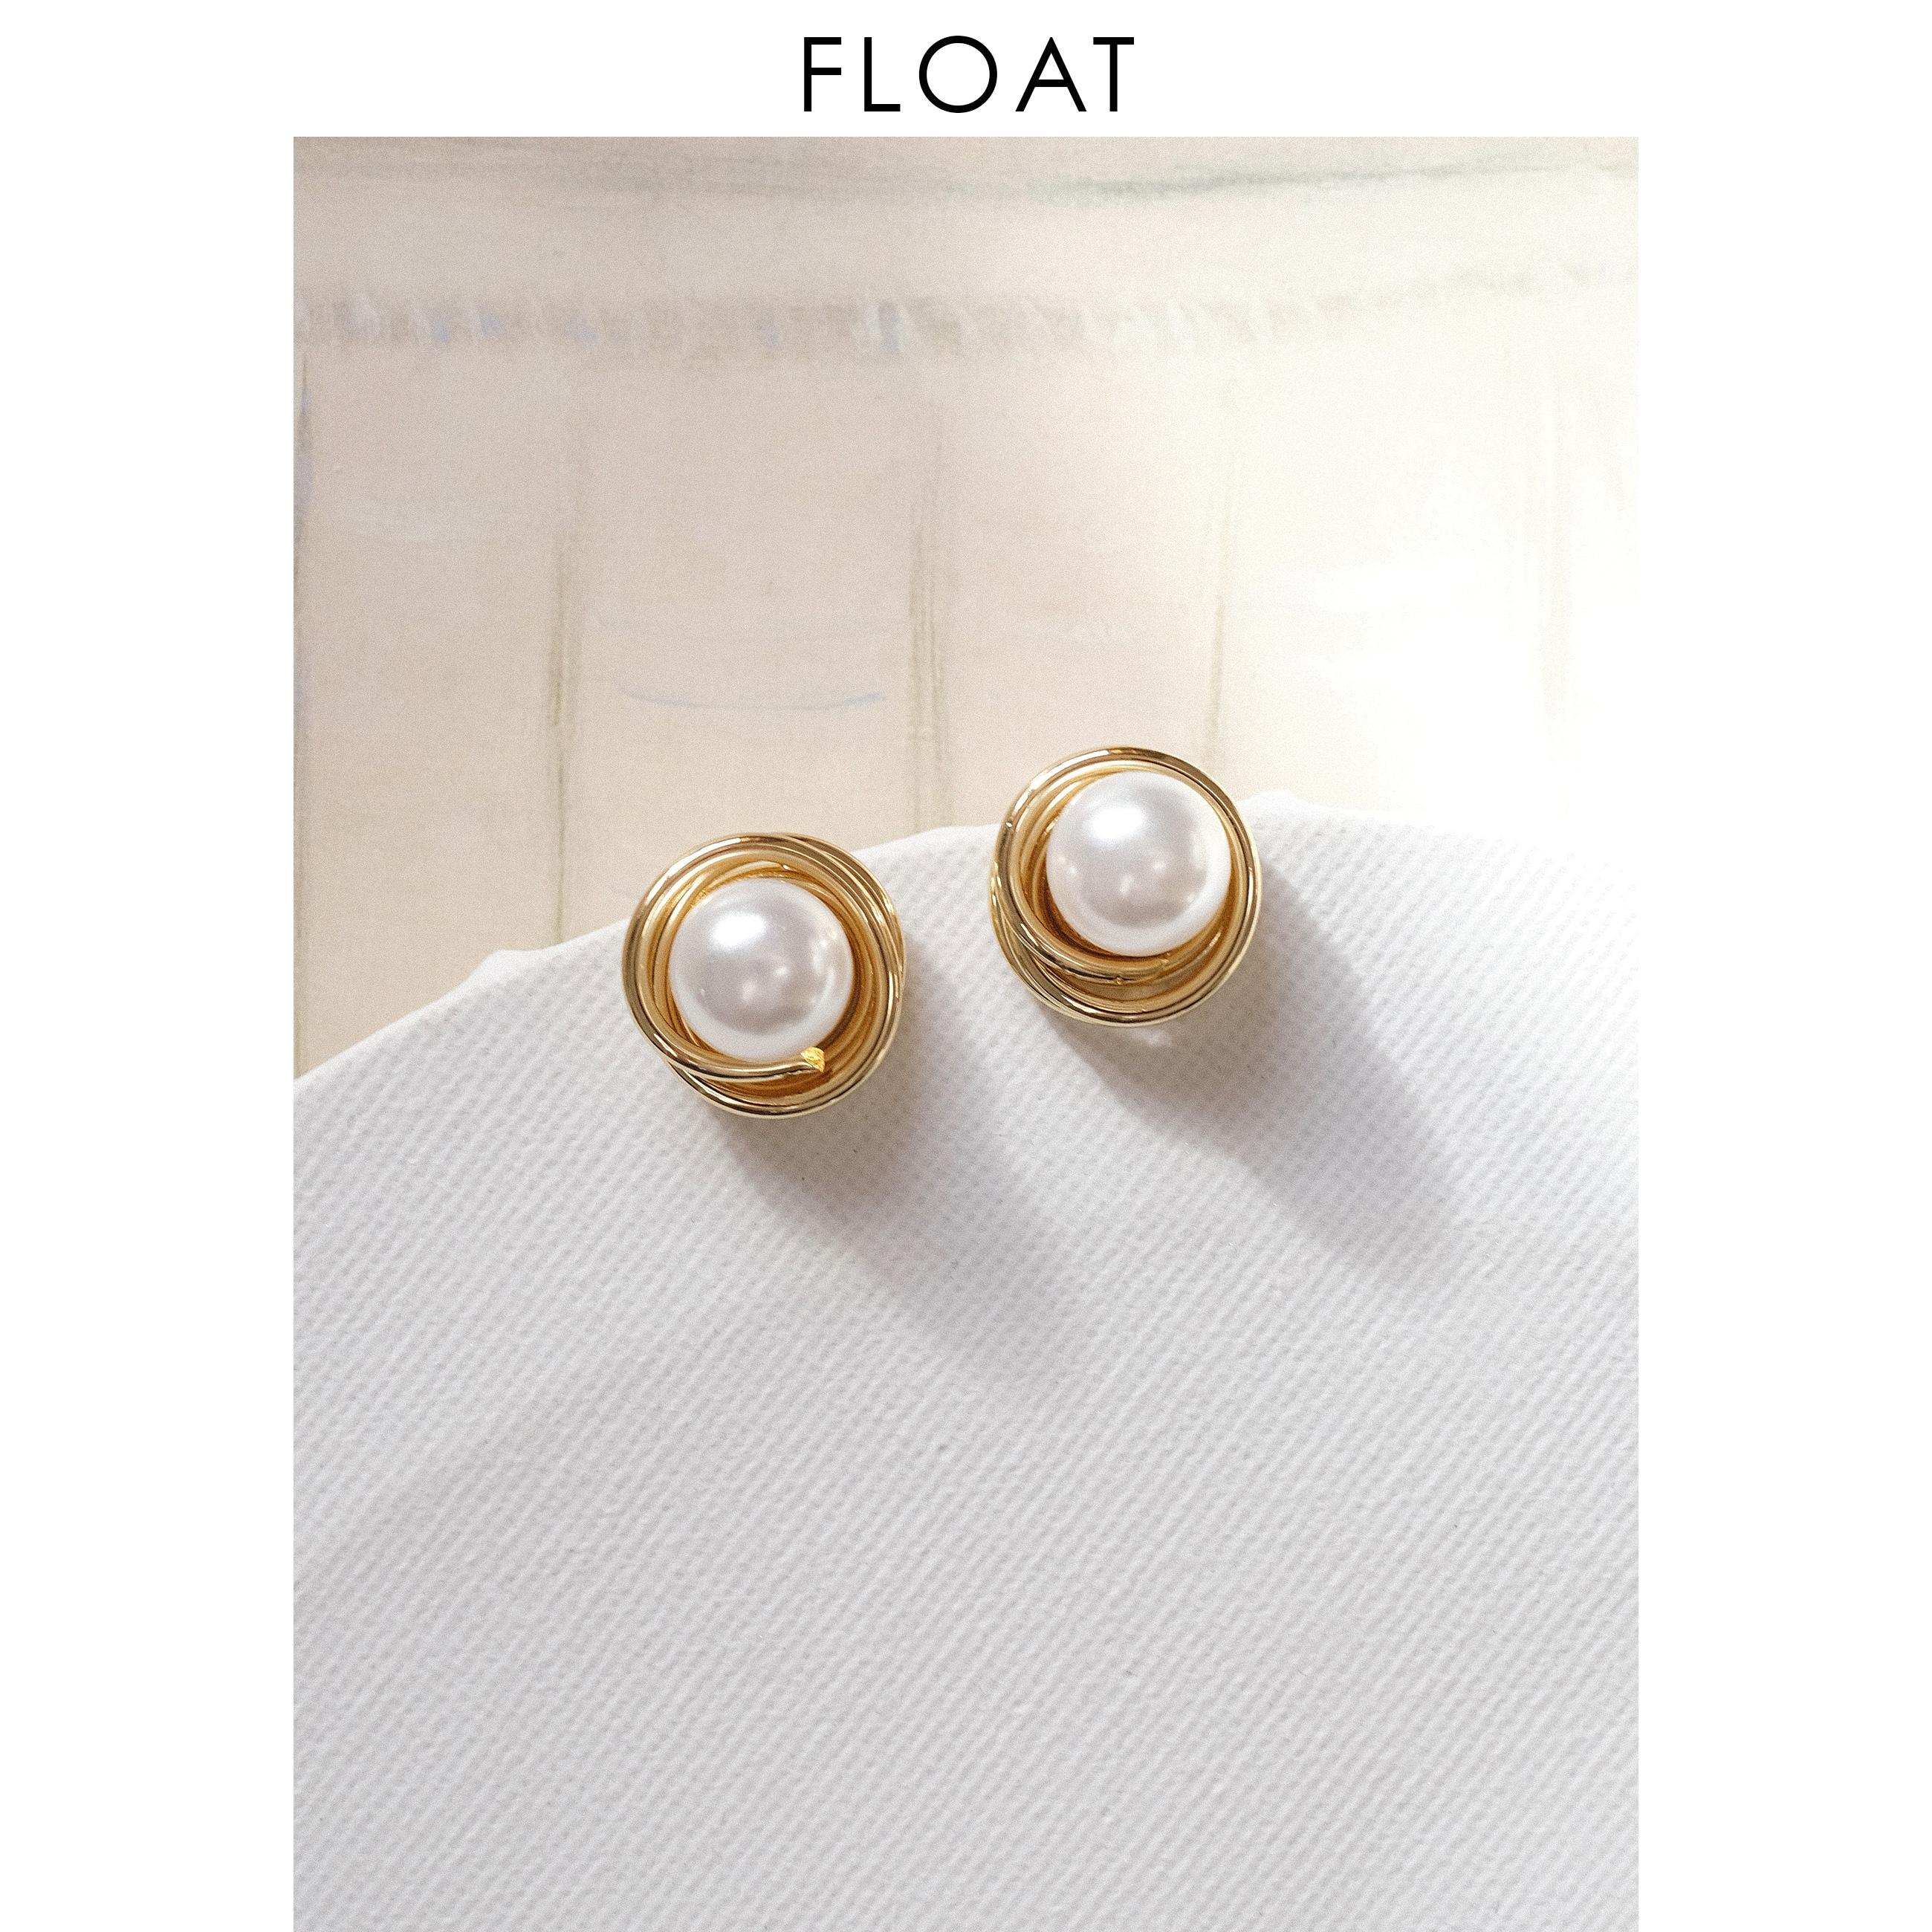 浮漾FLOAT 镀18K金缠绕立体复古港风赫本优雅珍珠耳环耳夹925银针图片